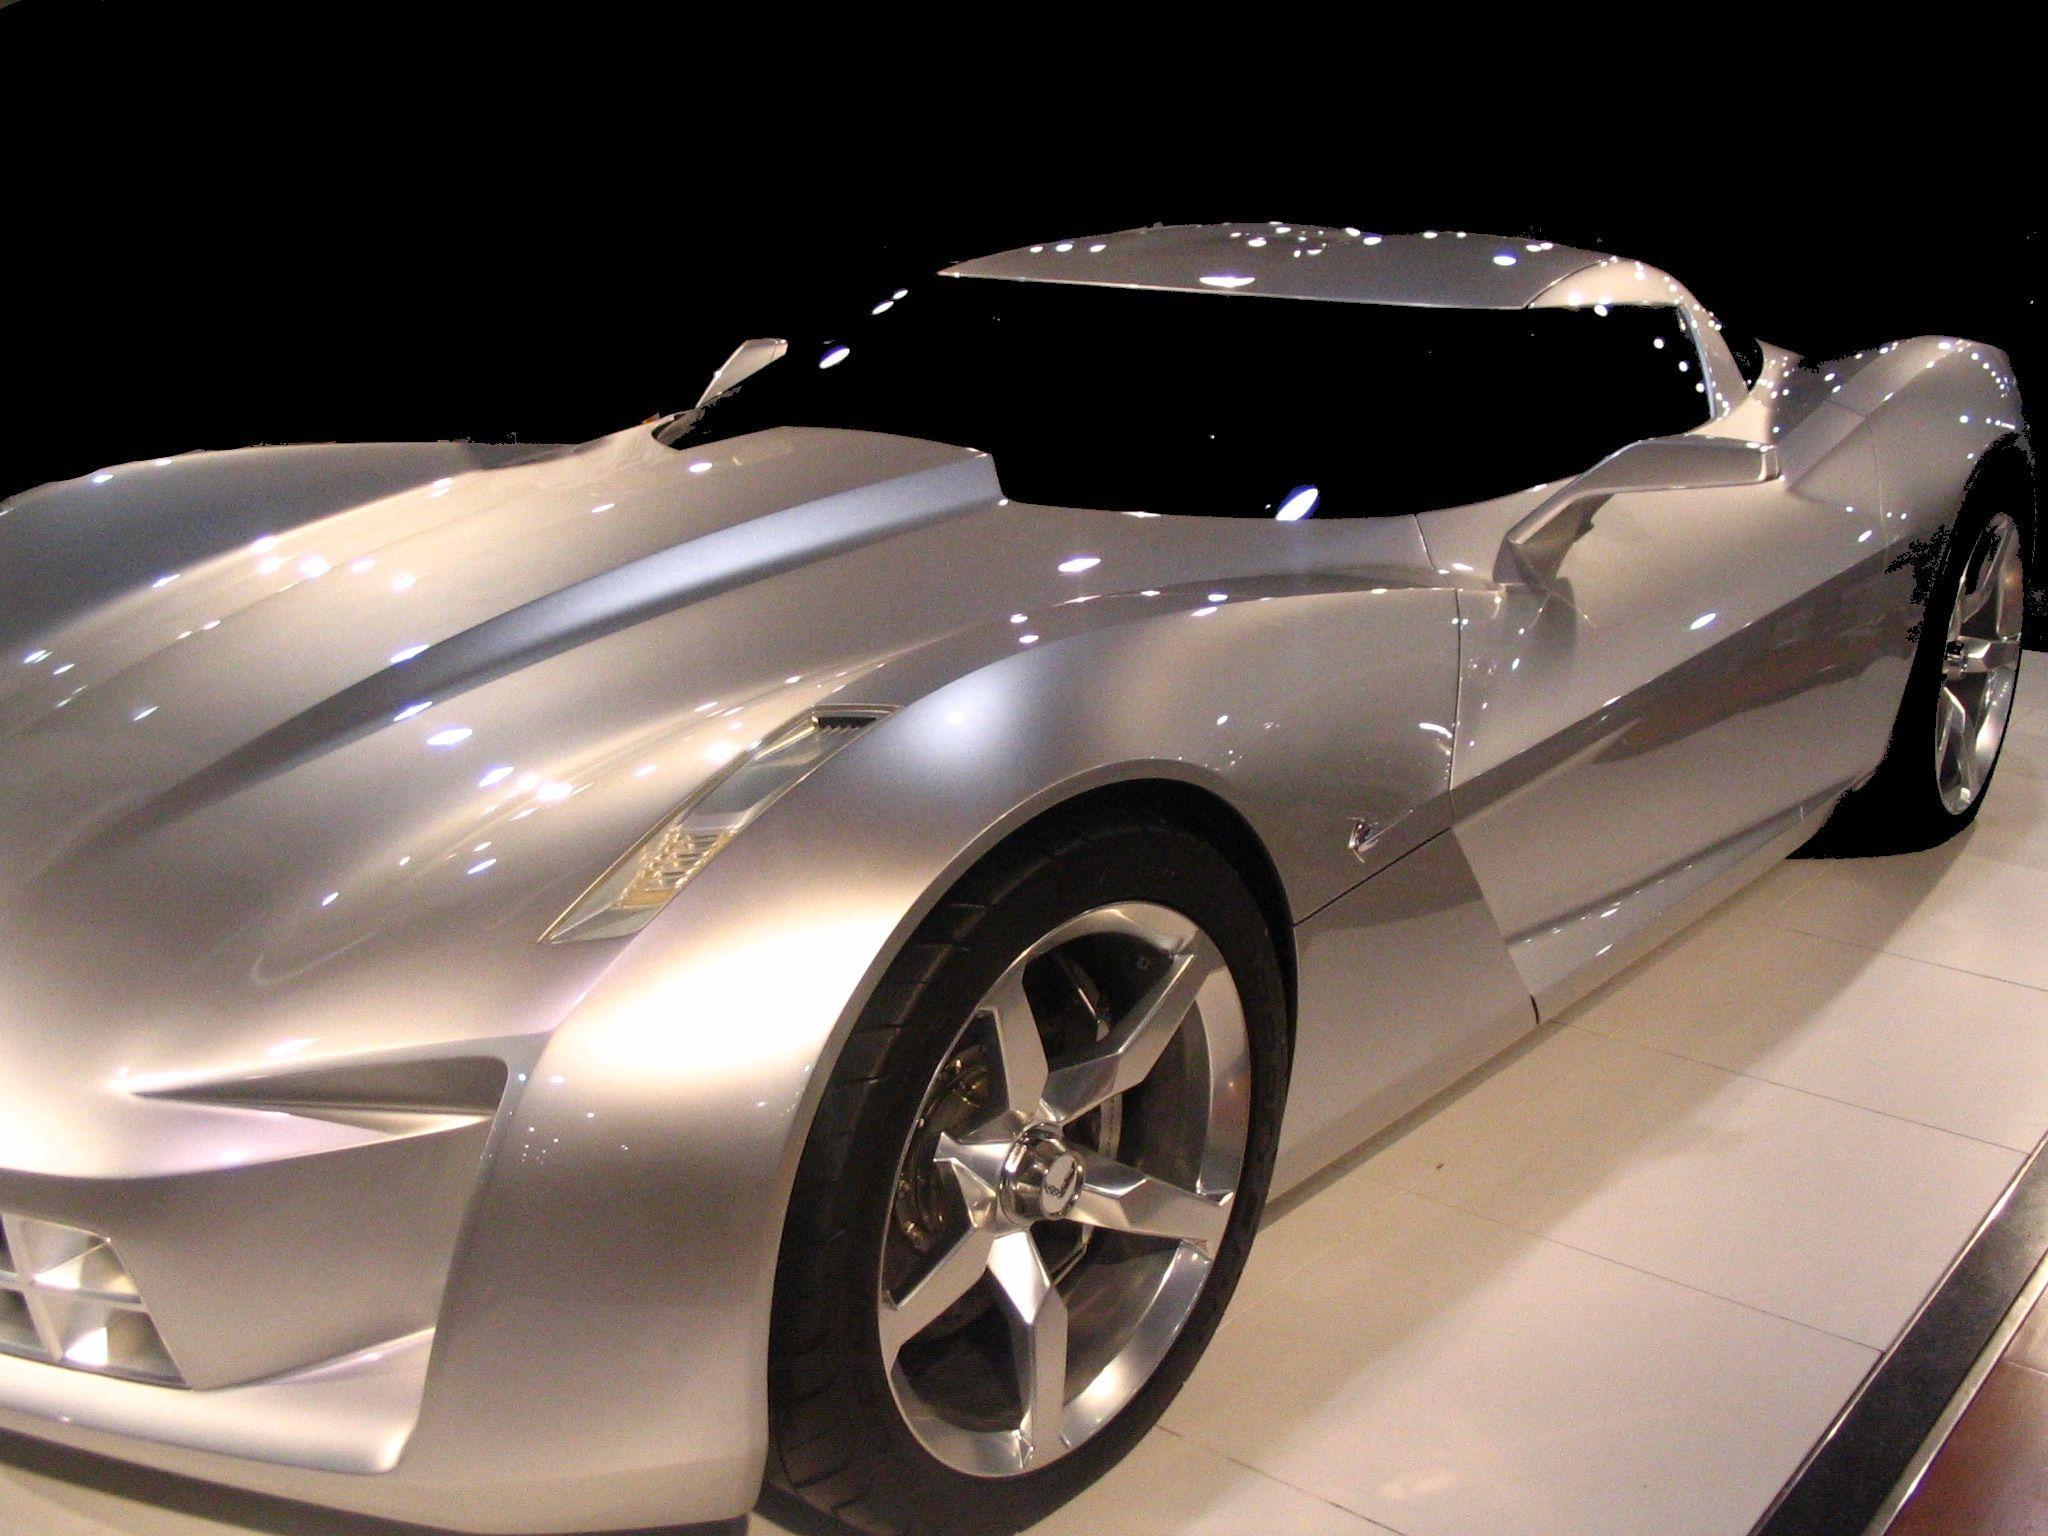 2014 Stingray Corvette  2014 corvette stingray Looks like a